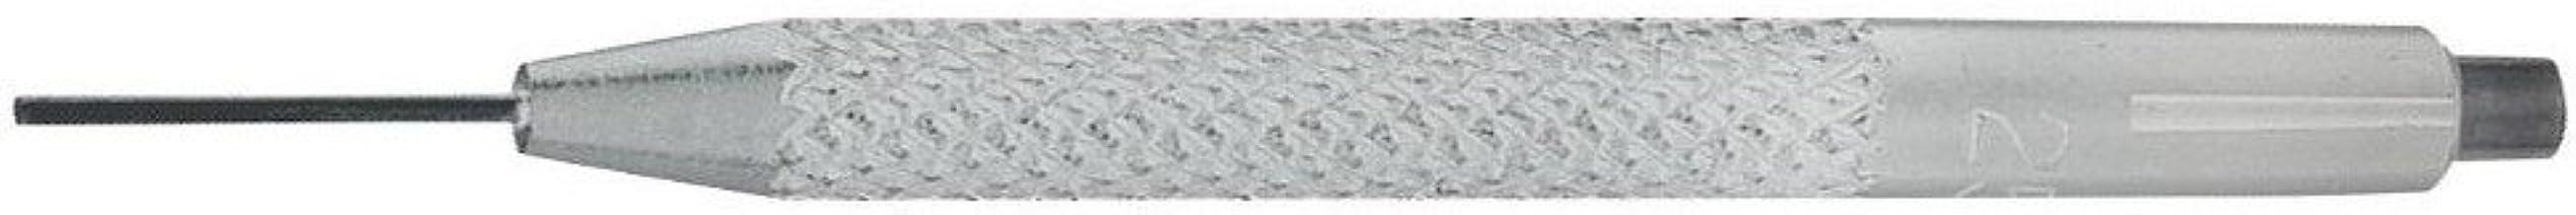 FACOM Precyzyjny wybijak do zawleczek z tuleją prowadzącą, A.0,9 mm, długość 70 mm, 1 sztuka, 251A.1